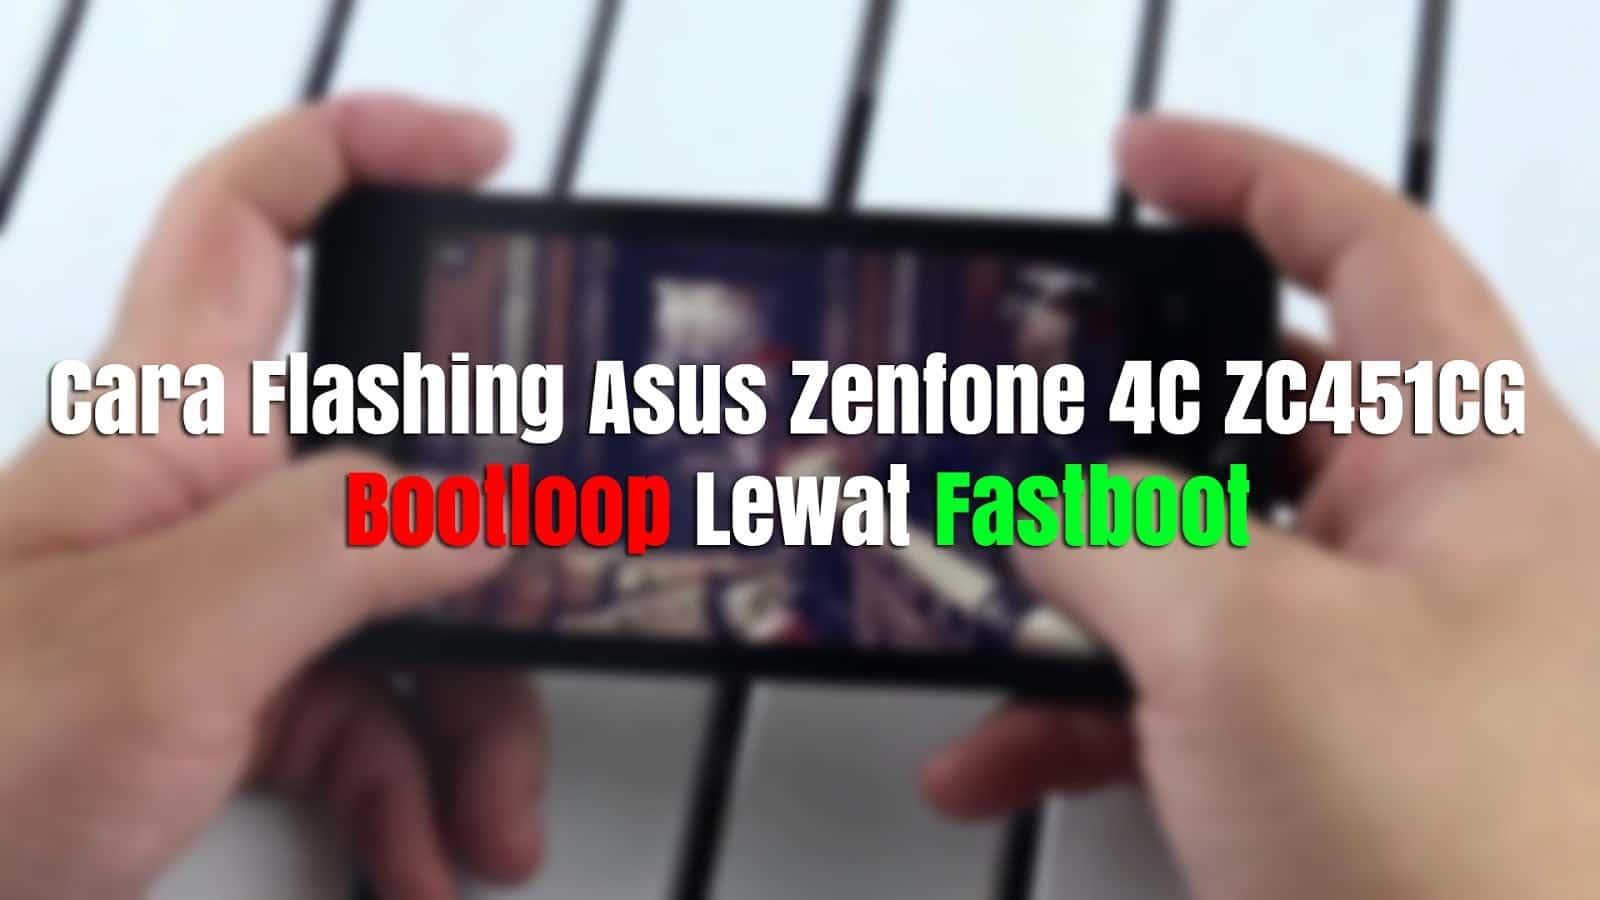 100 Ampuh Cara Flash Asus Zenfone C Via Adb Fastboot